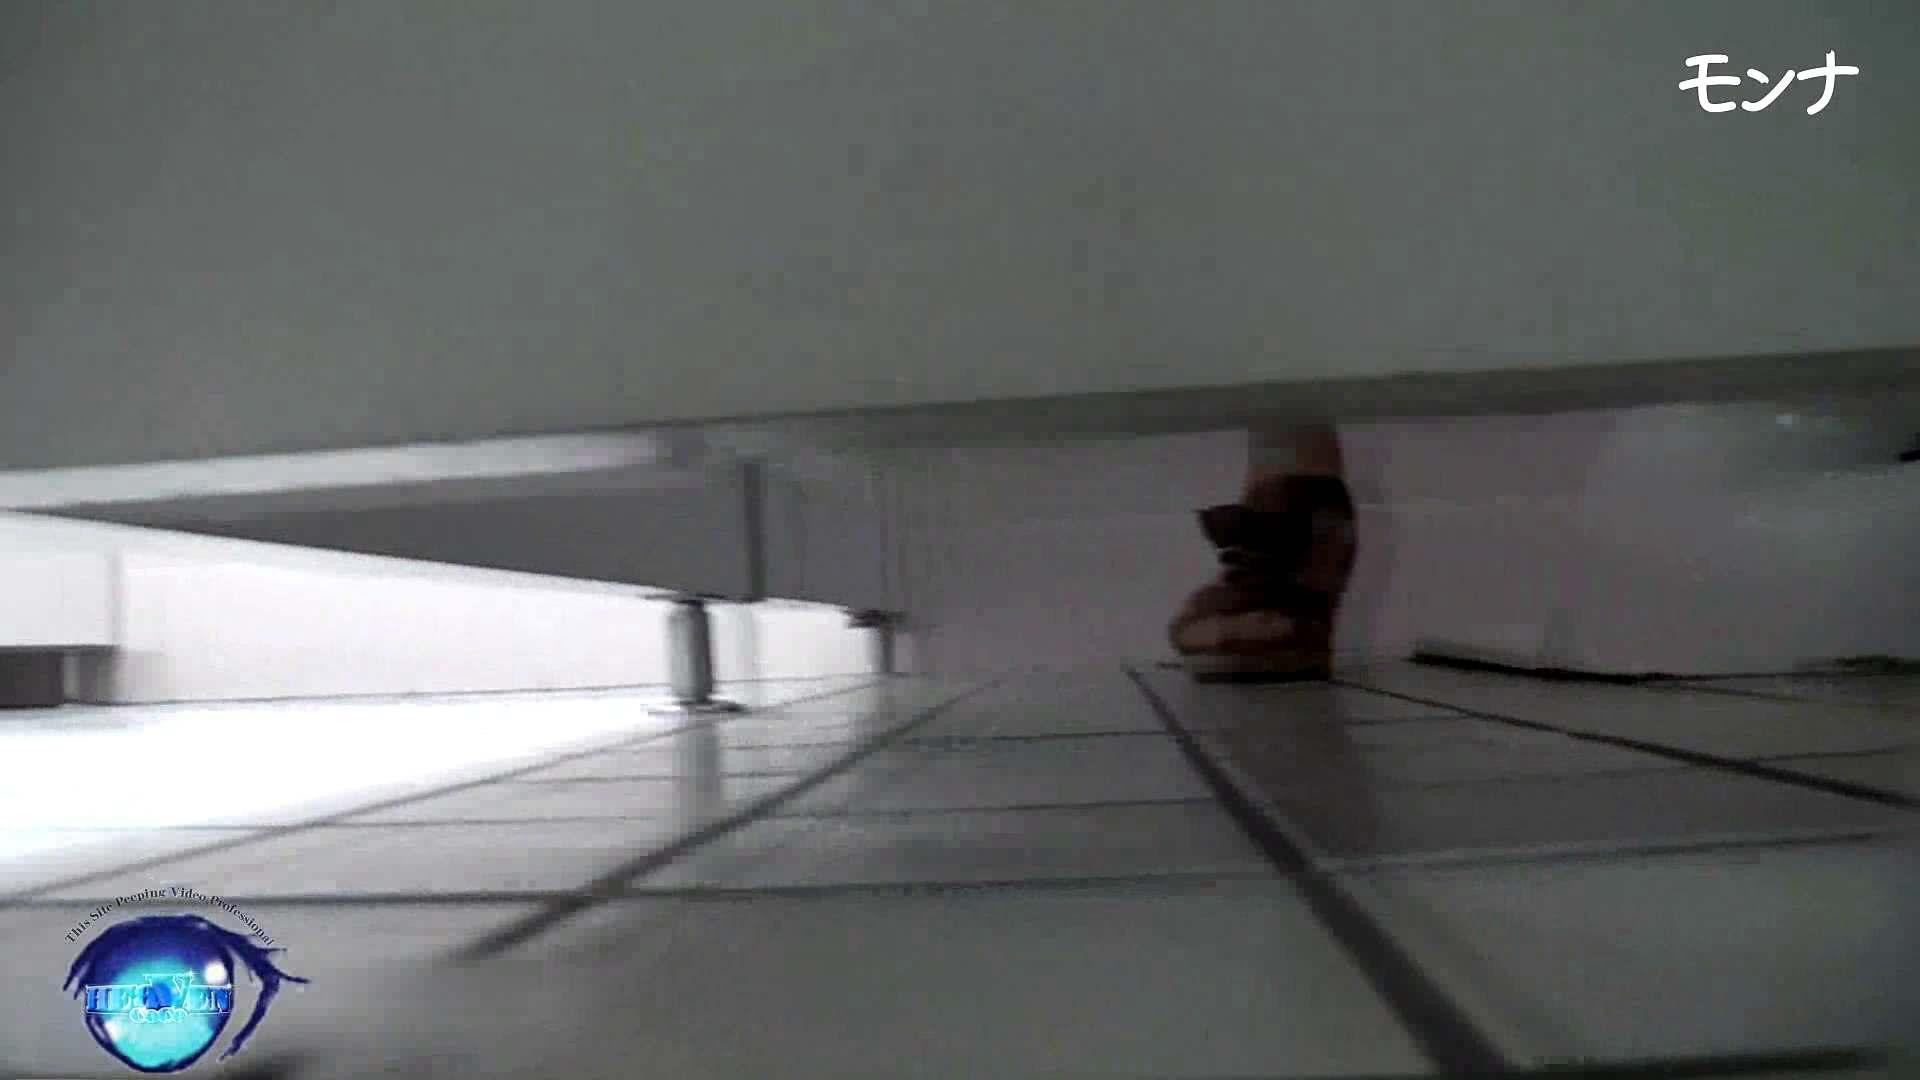 無修正エロ動画 【美しい日本の未来】美しい日本の未来 No.81更なる冒険、狂っているように二人美女を追跡 のぞき本舗 中村屋